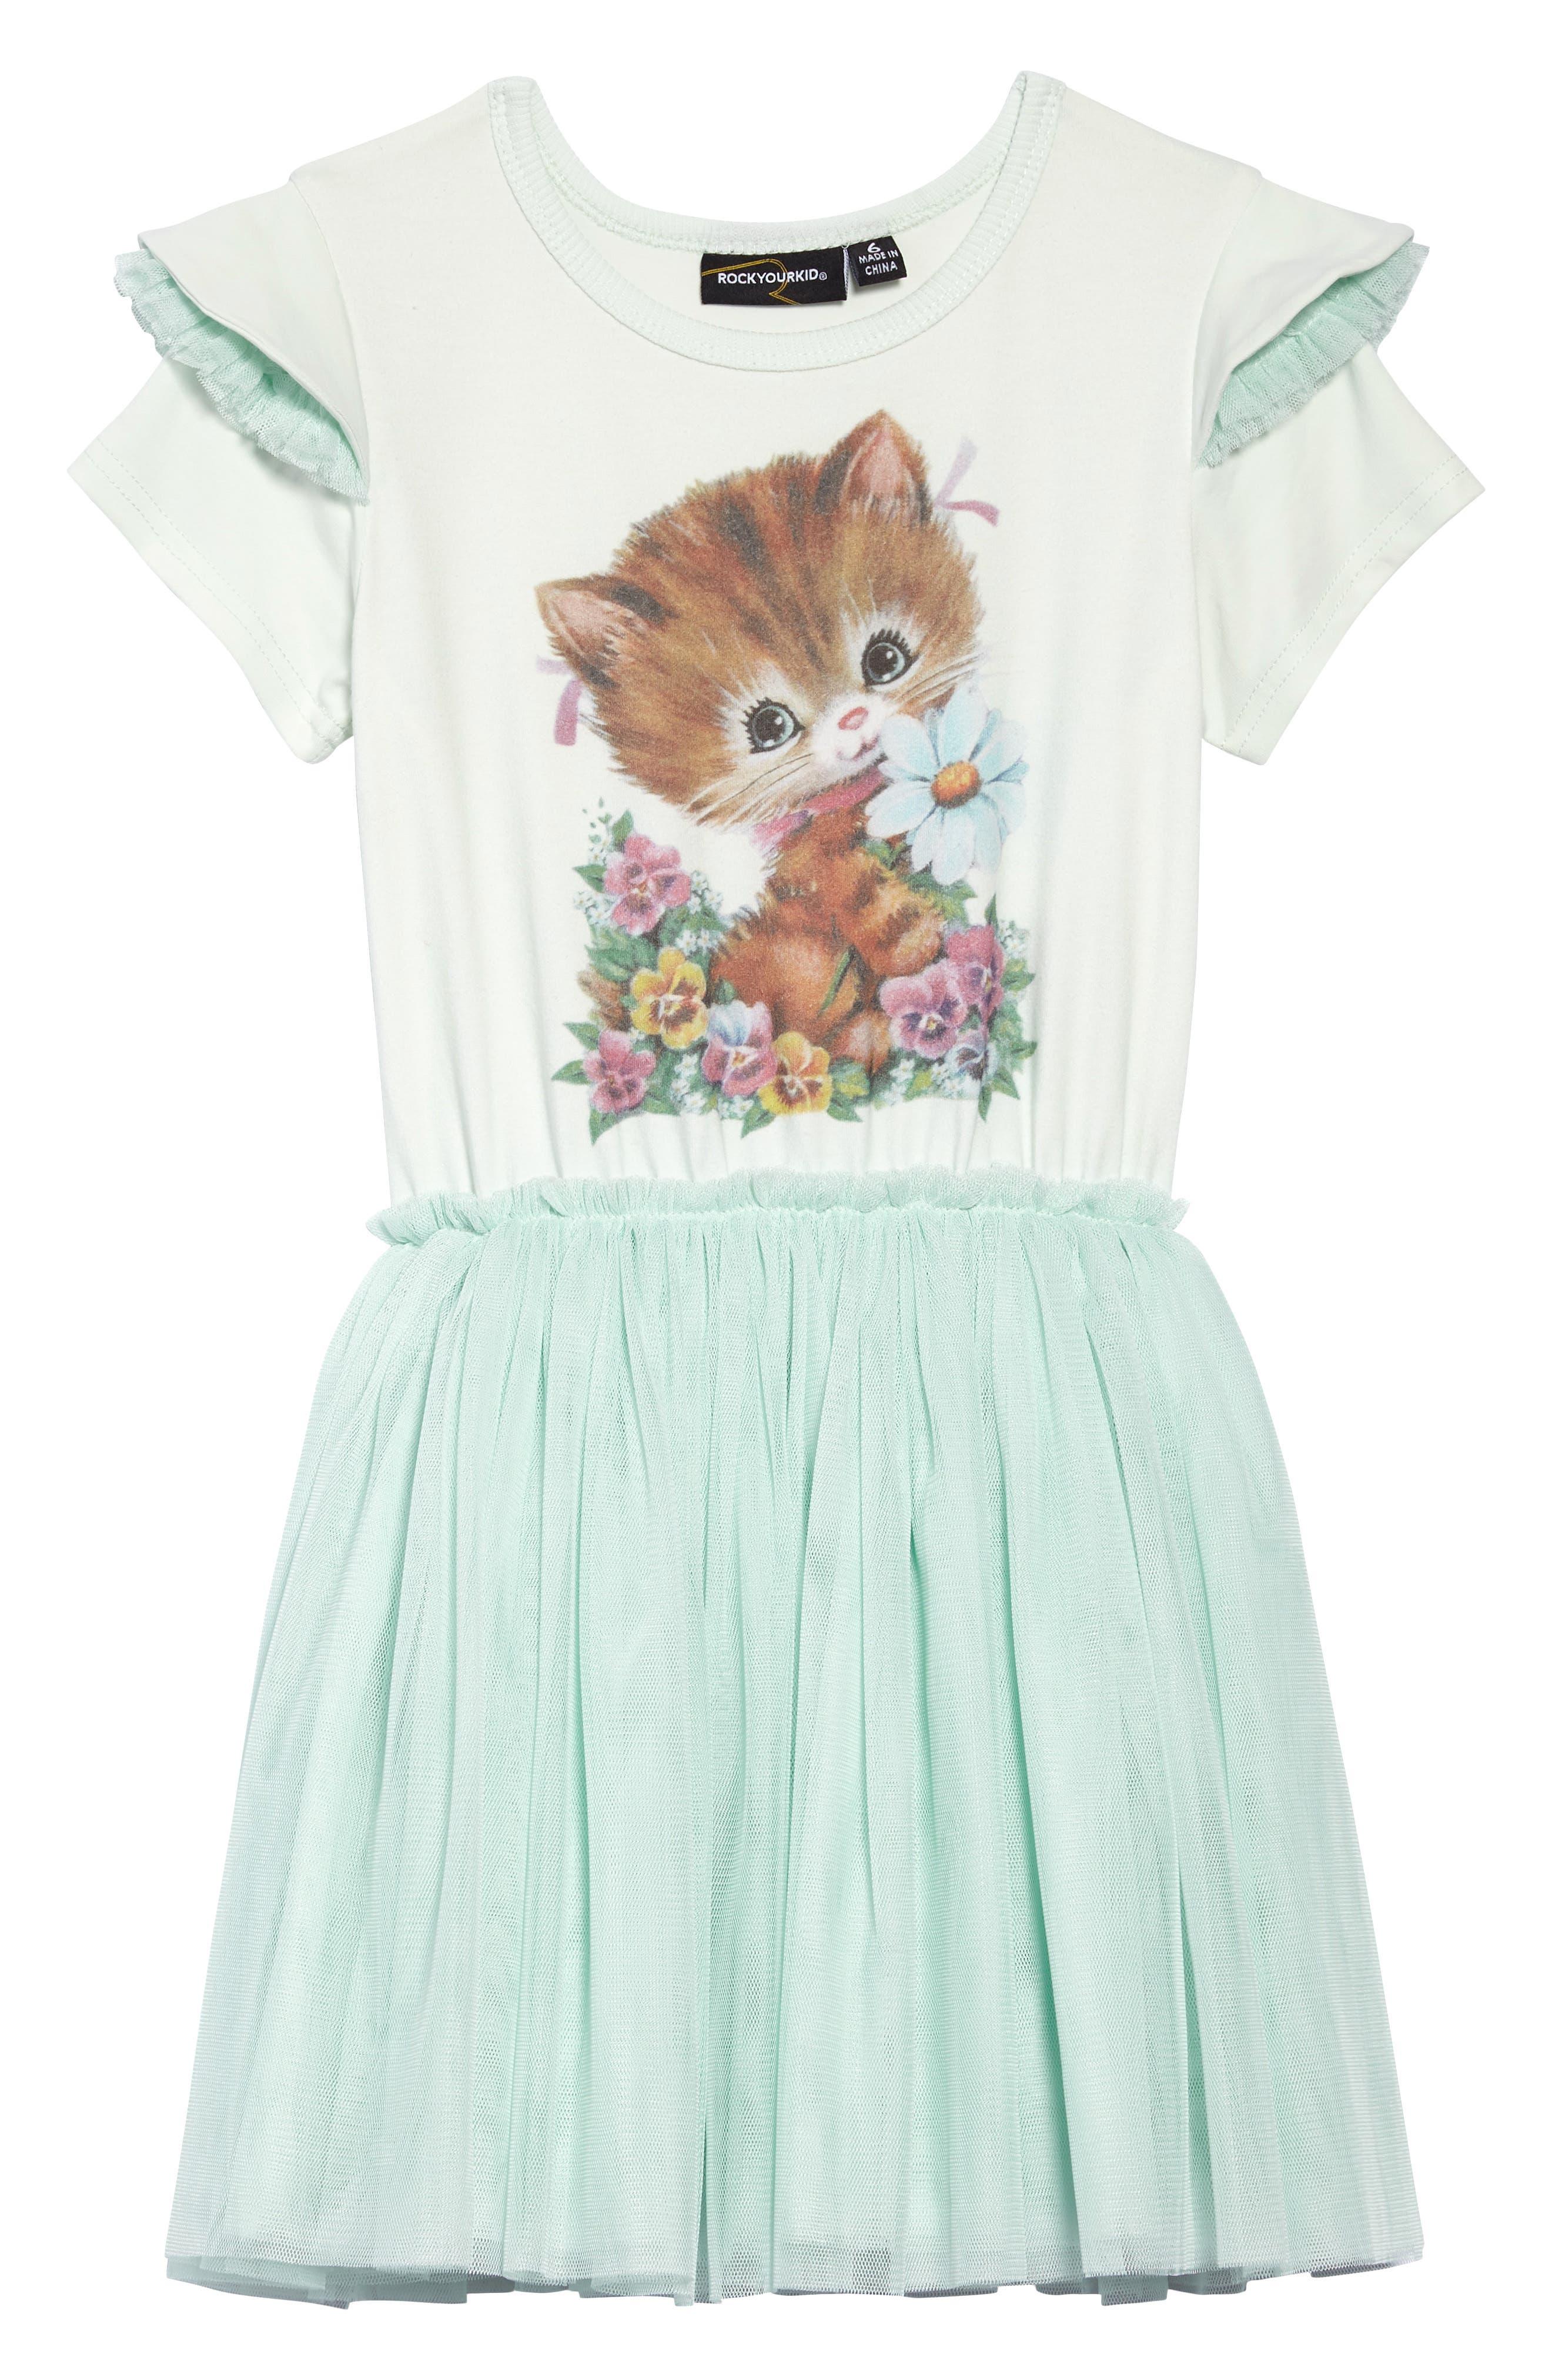 Kitty Kat Circus Dress,                         Main,                         color, 440